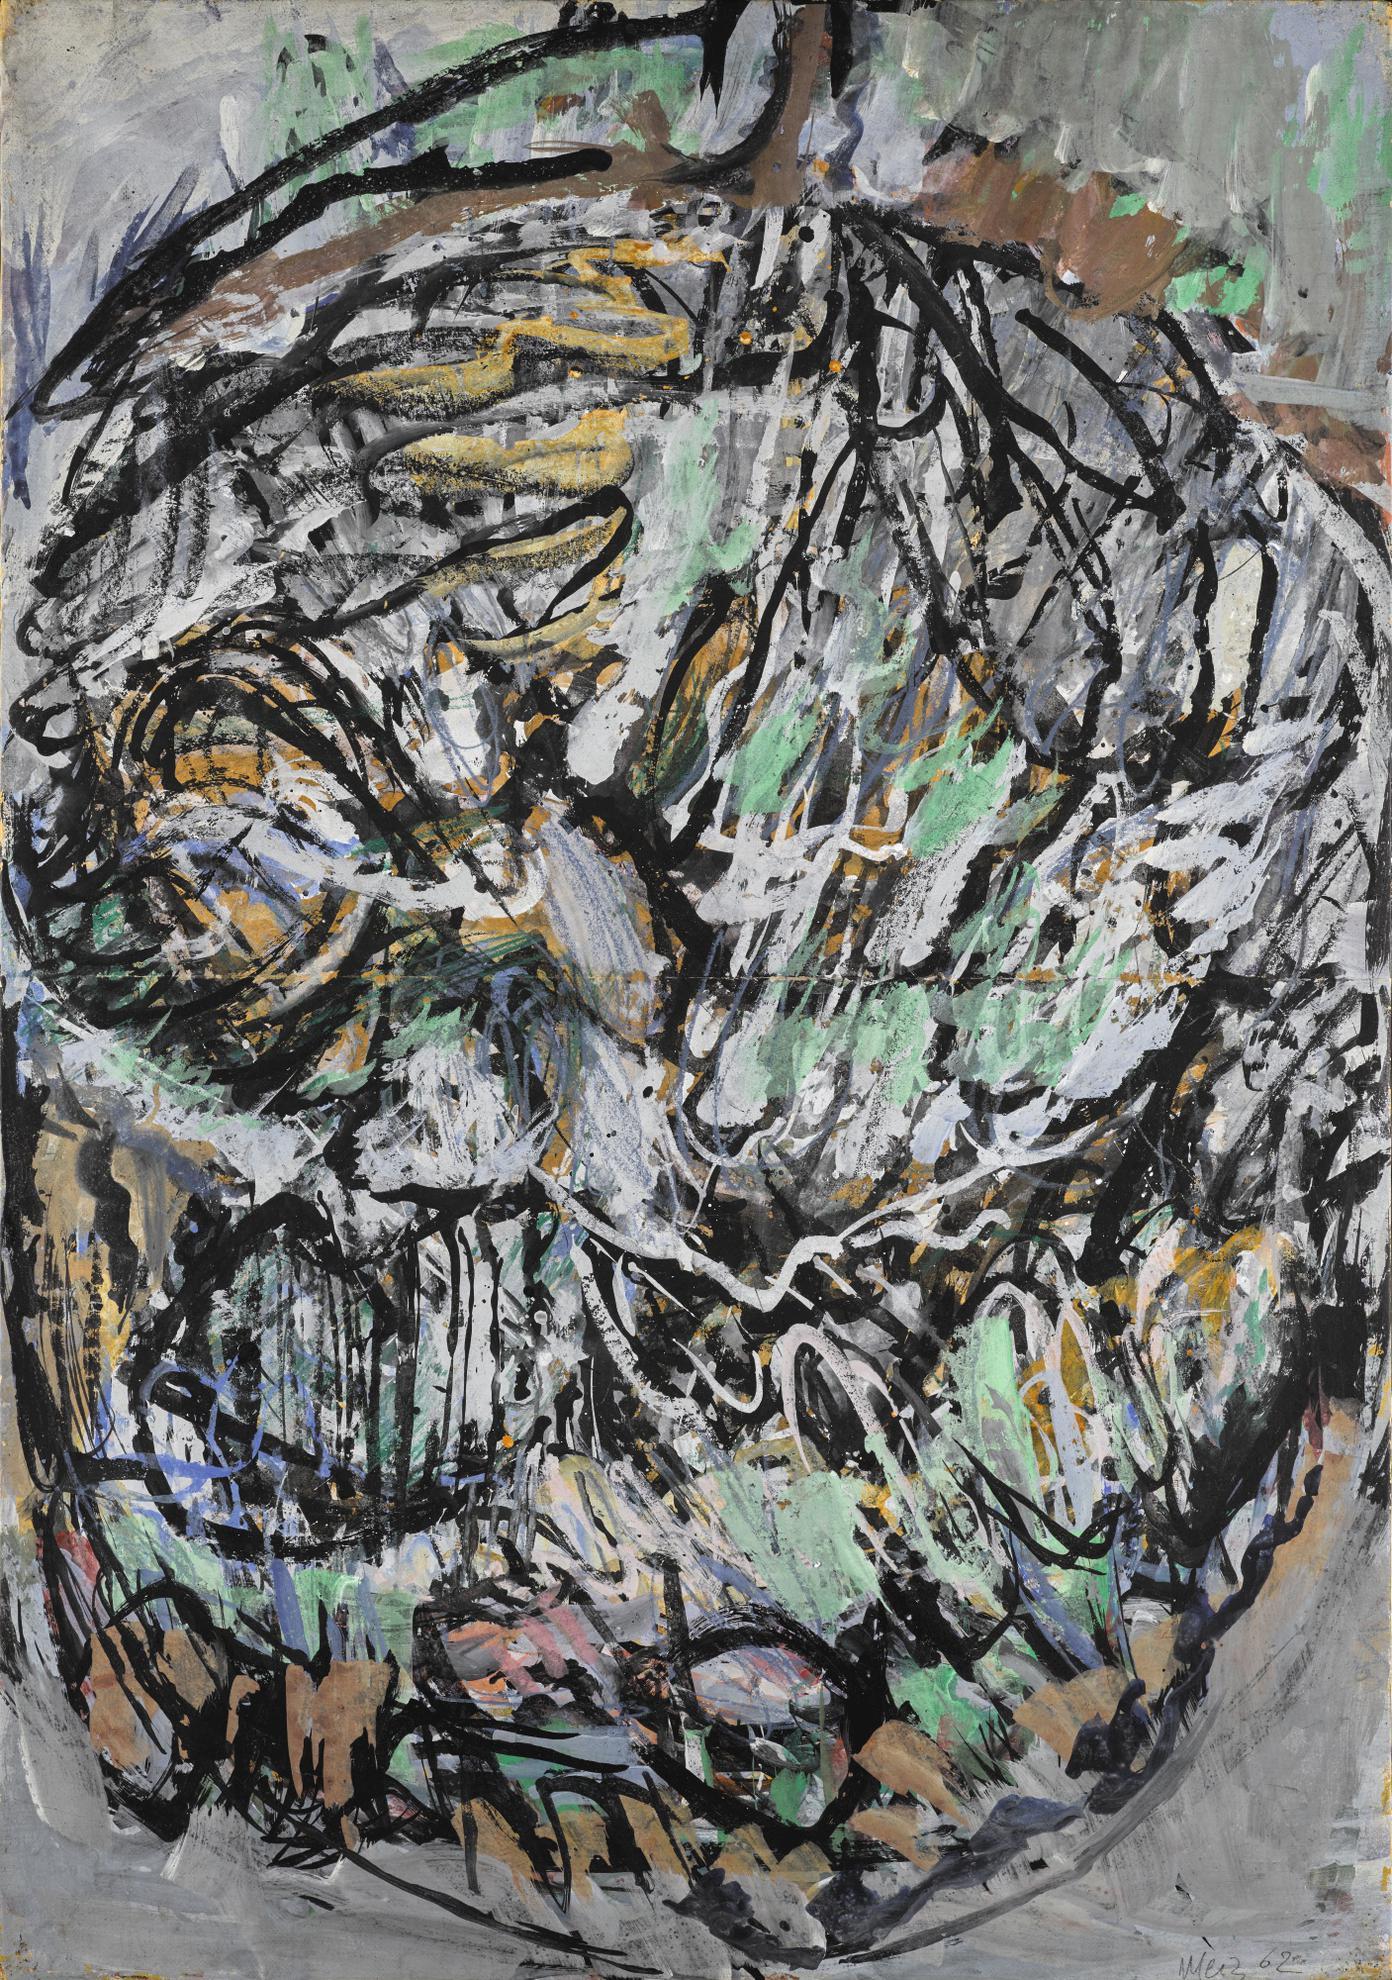 Mario Merz-Untitled-1962